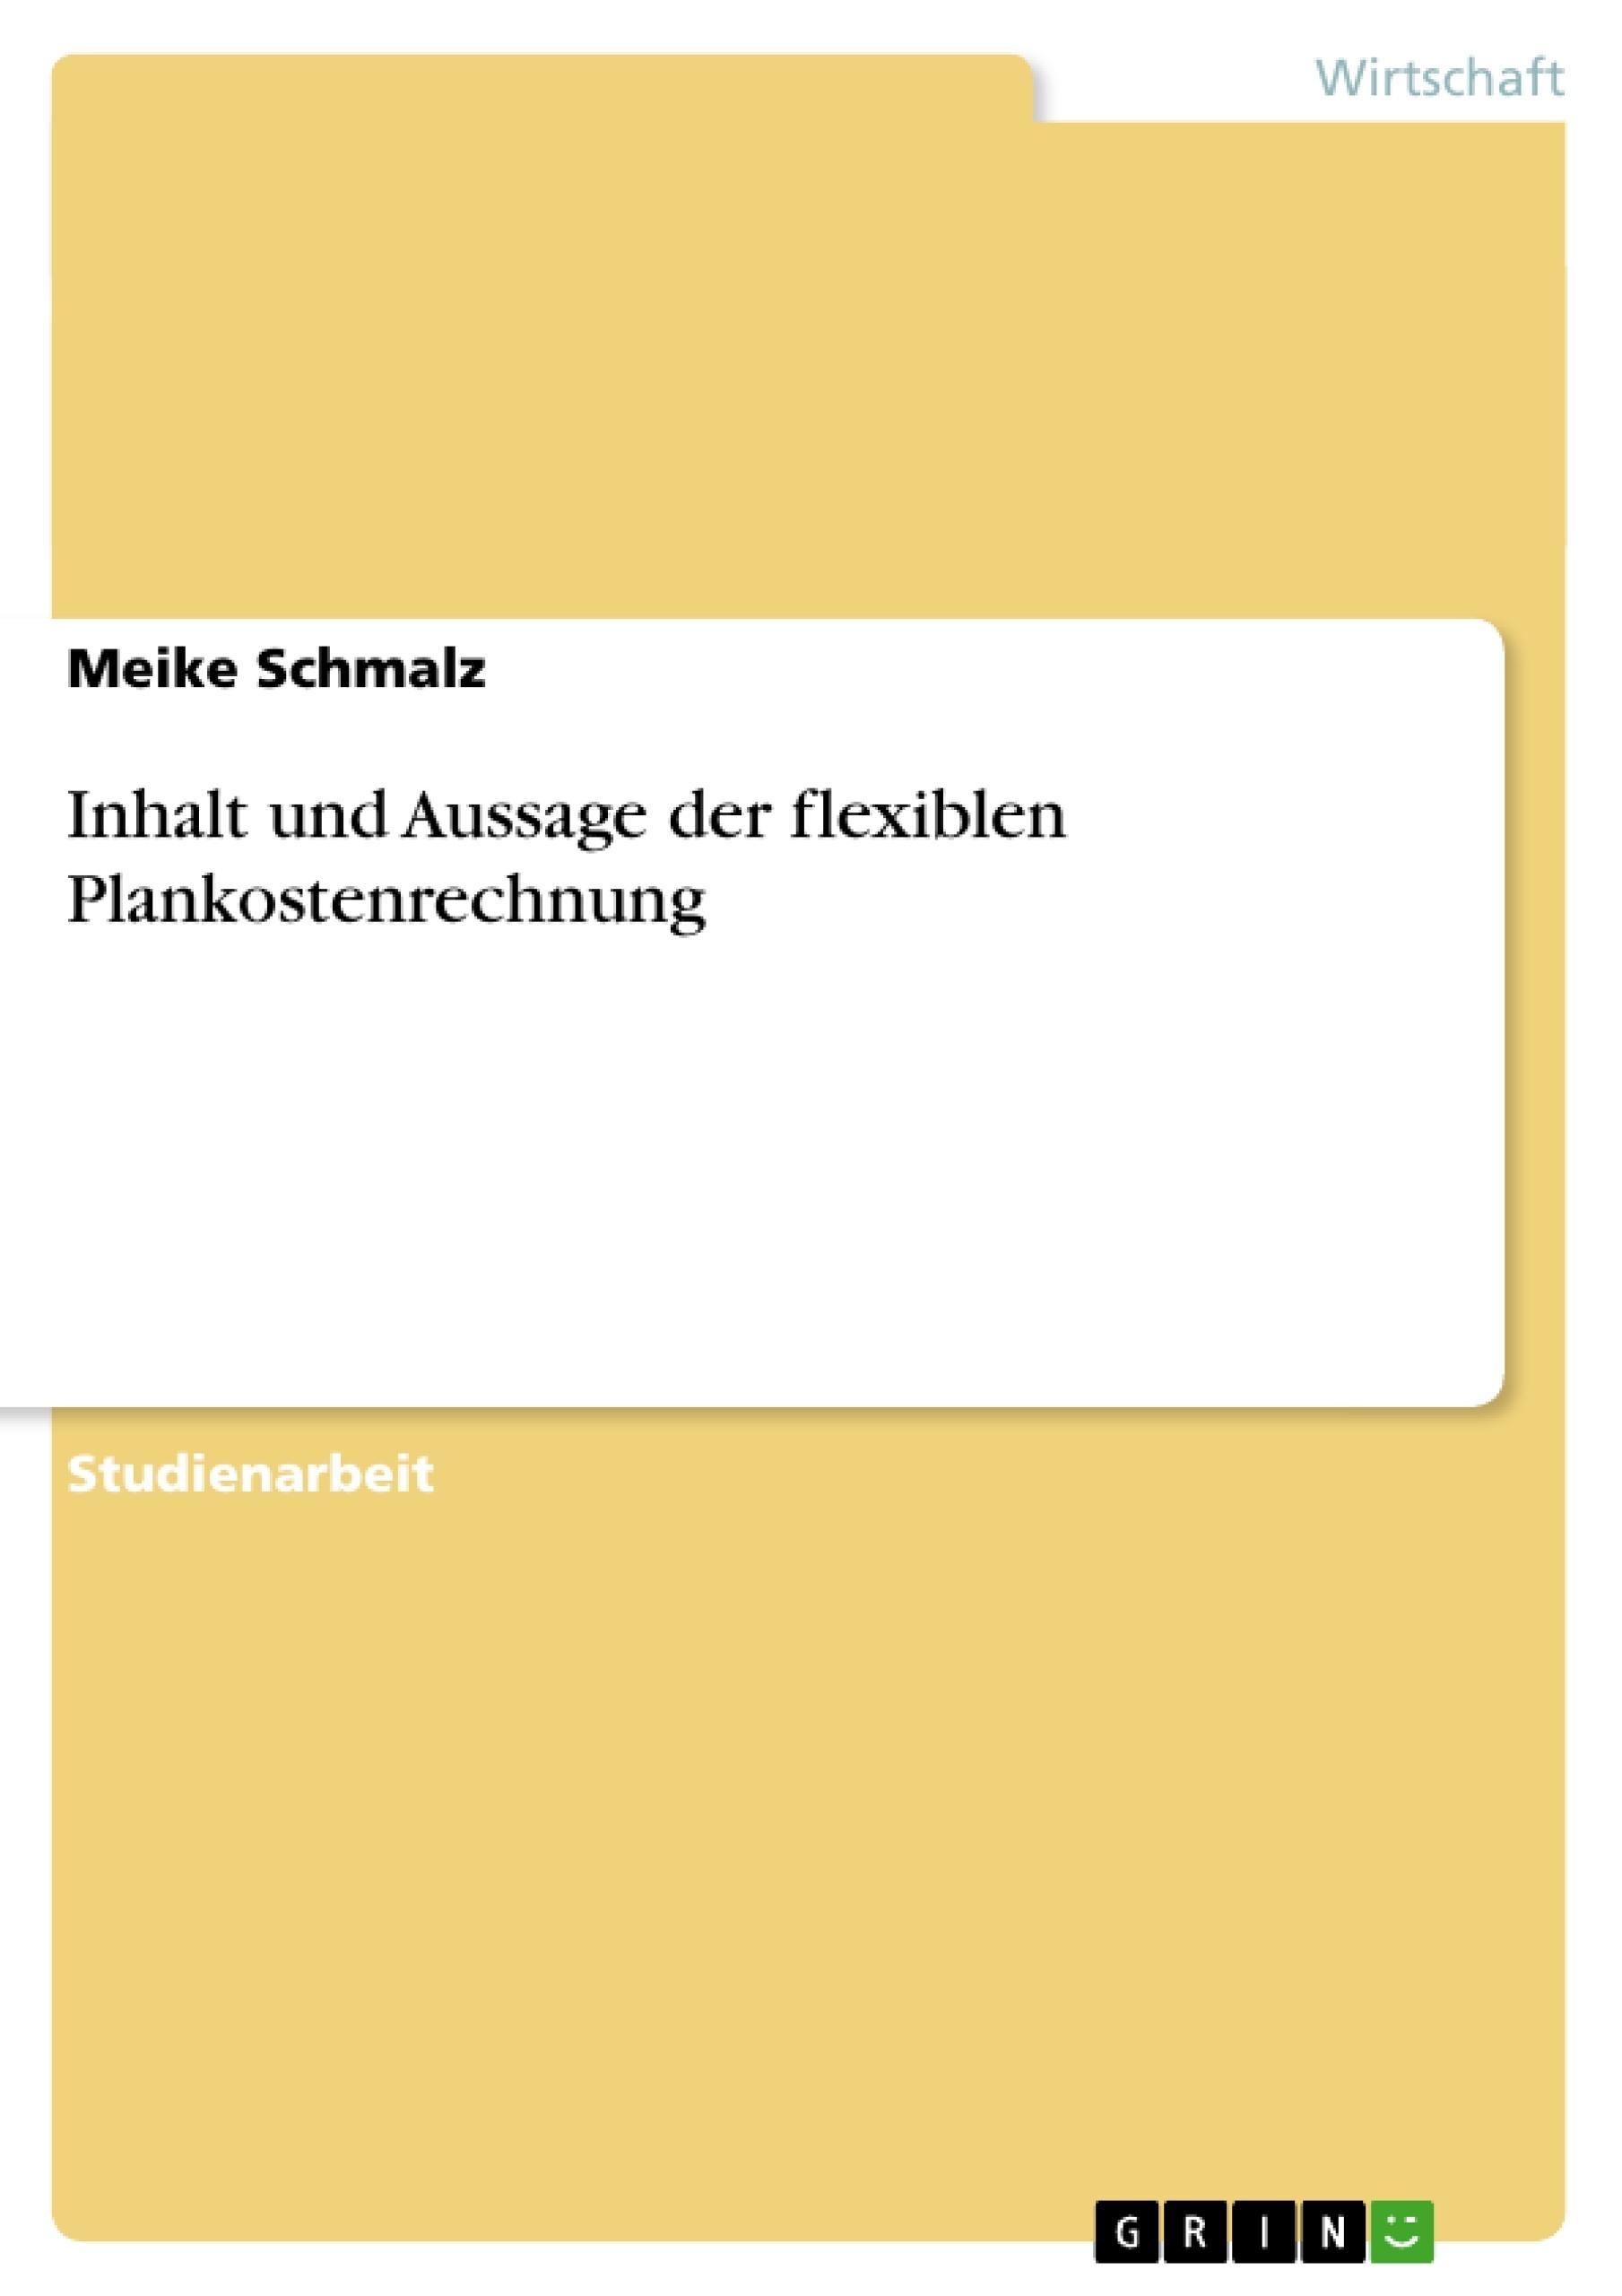 Titel: Inhalt und Aussage der flexiblen Plankostenrechnung